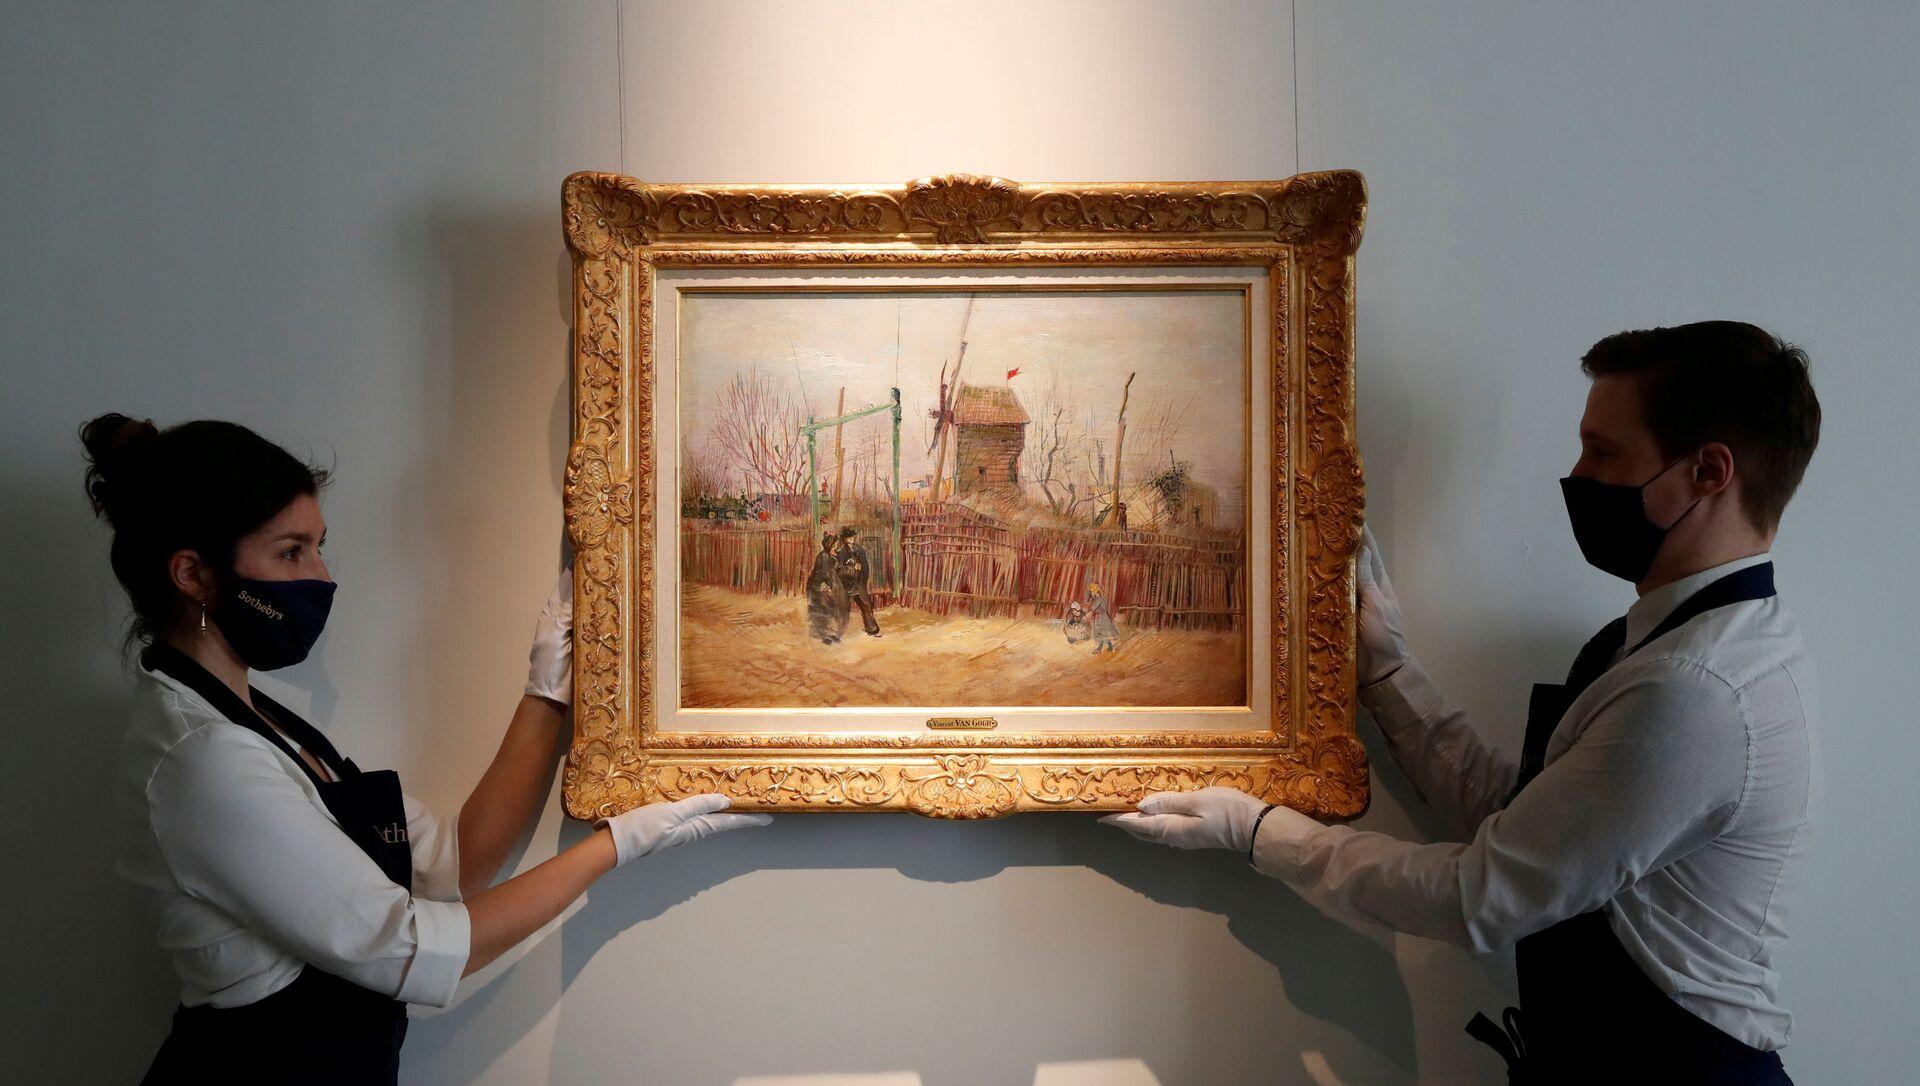 Картина известного художника Винсента Ван Гога Уличная сцена на Монмартре - Sputnik Беларусь, 1920, 25.03.2021